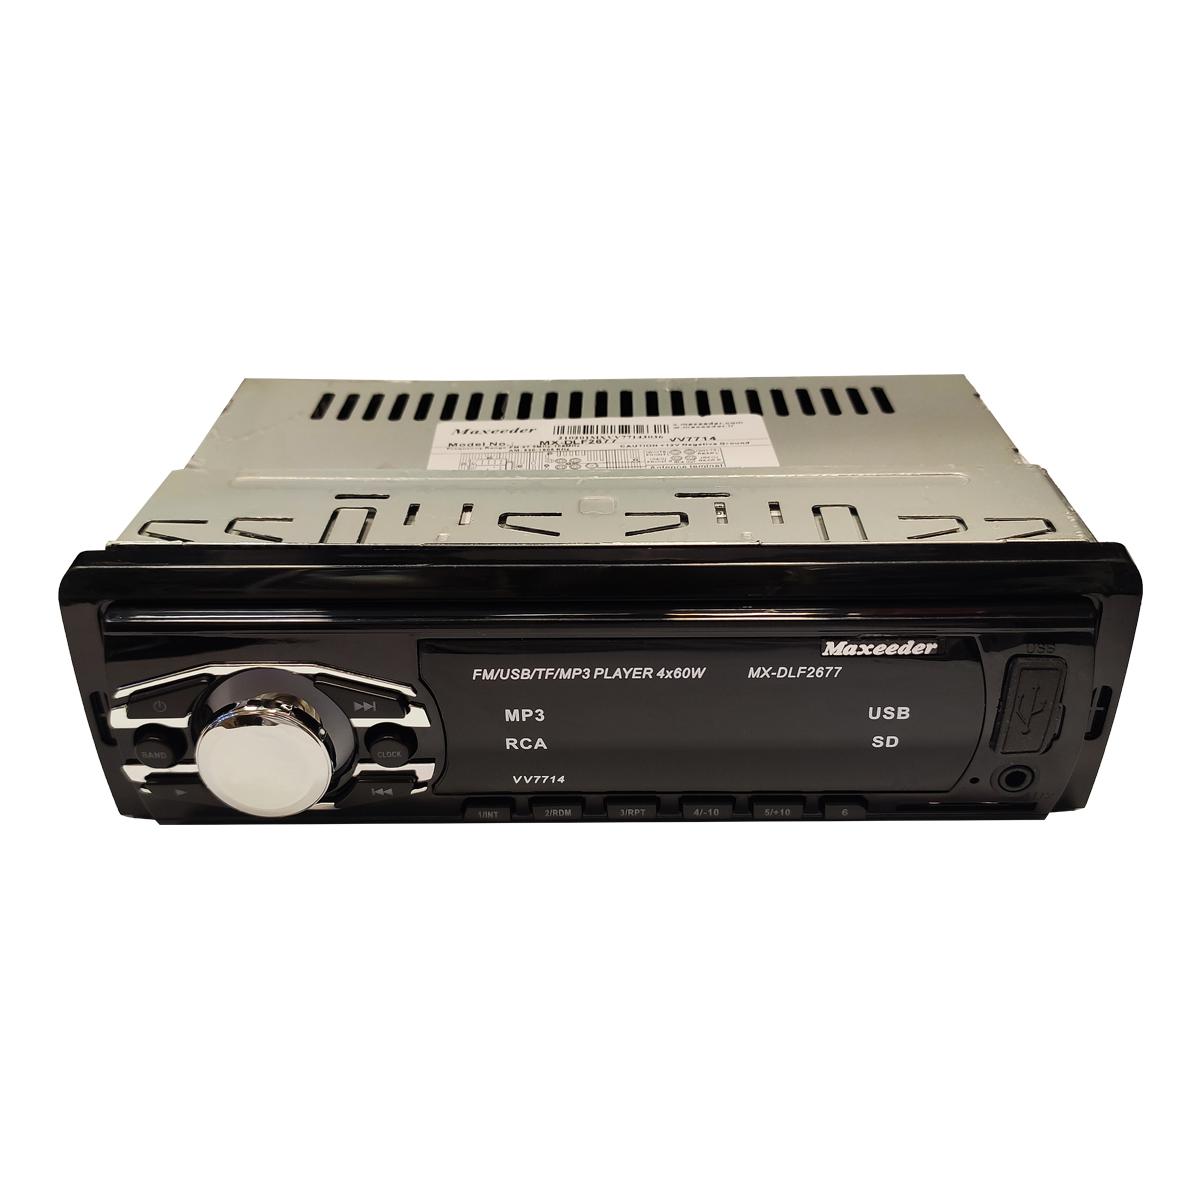 پخش کننده خودرو مکسیدر مدل MX-DLF2677 VV7714